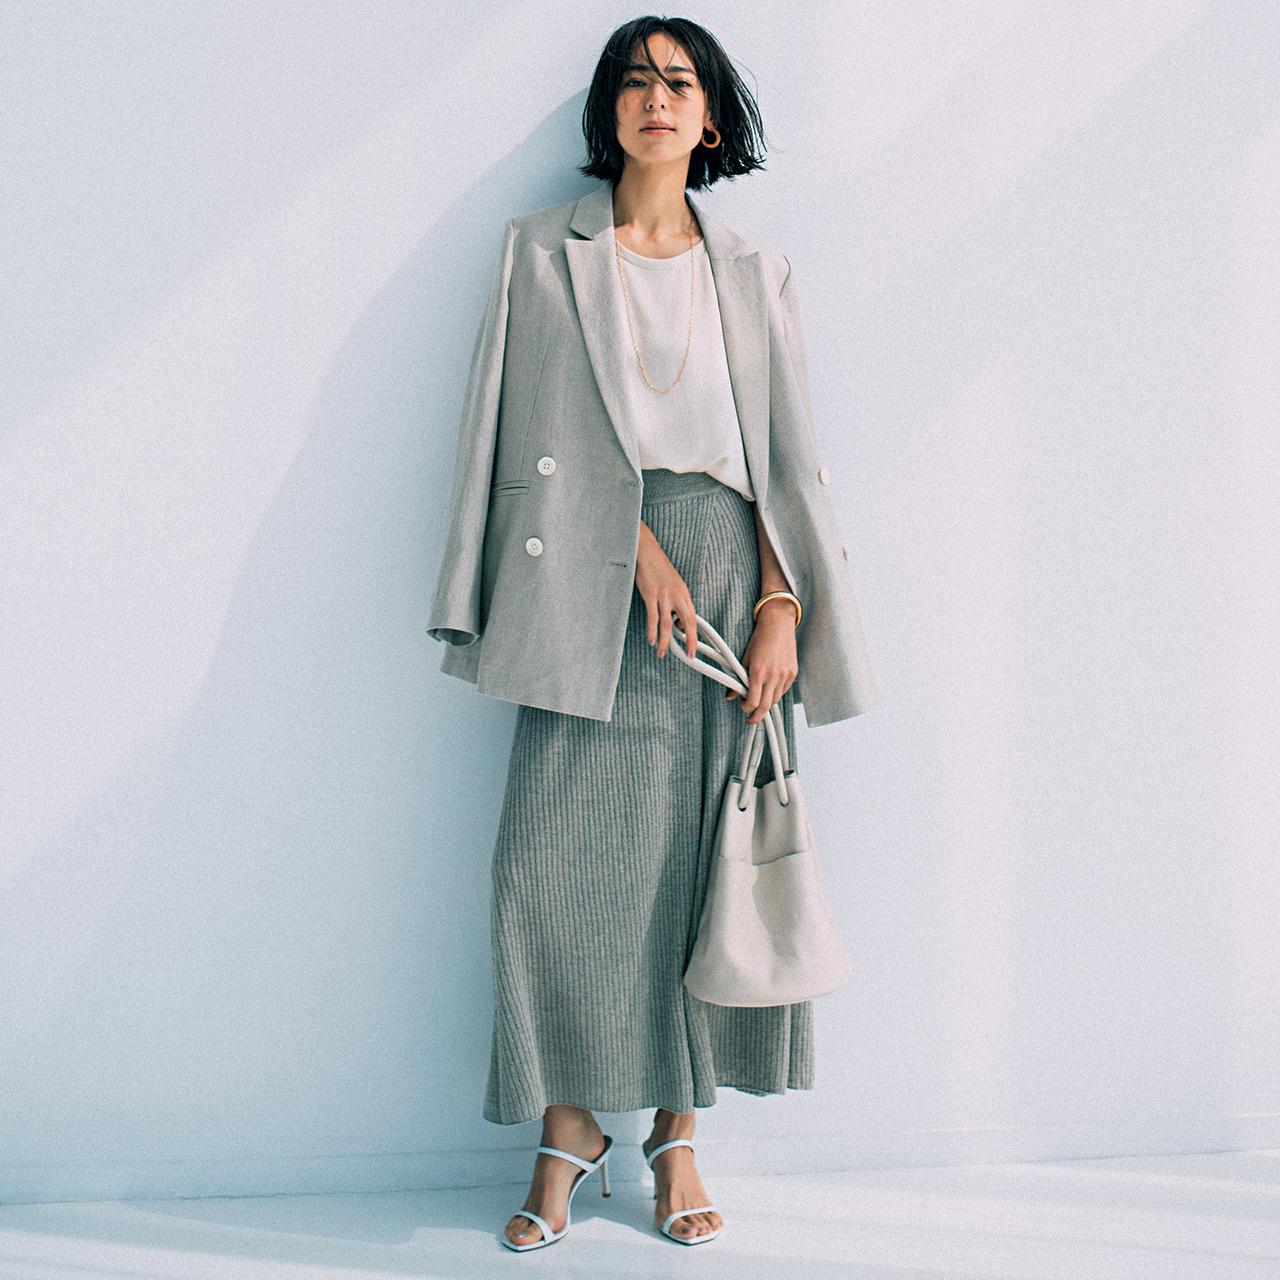 リネンのダブルジャケット×スカートコーデを着たモデルの小泉里子さん